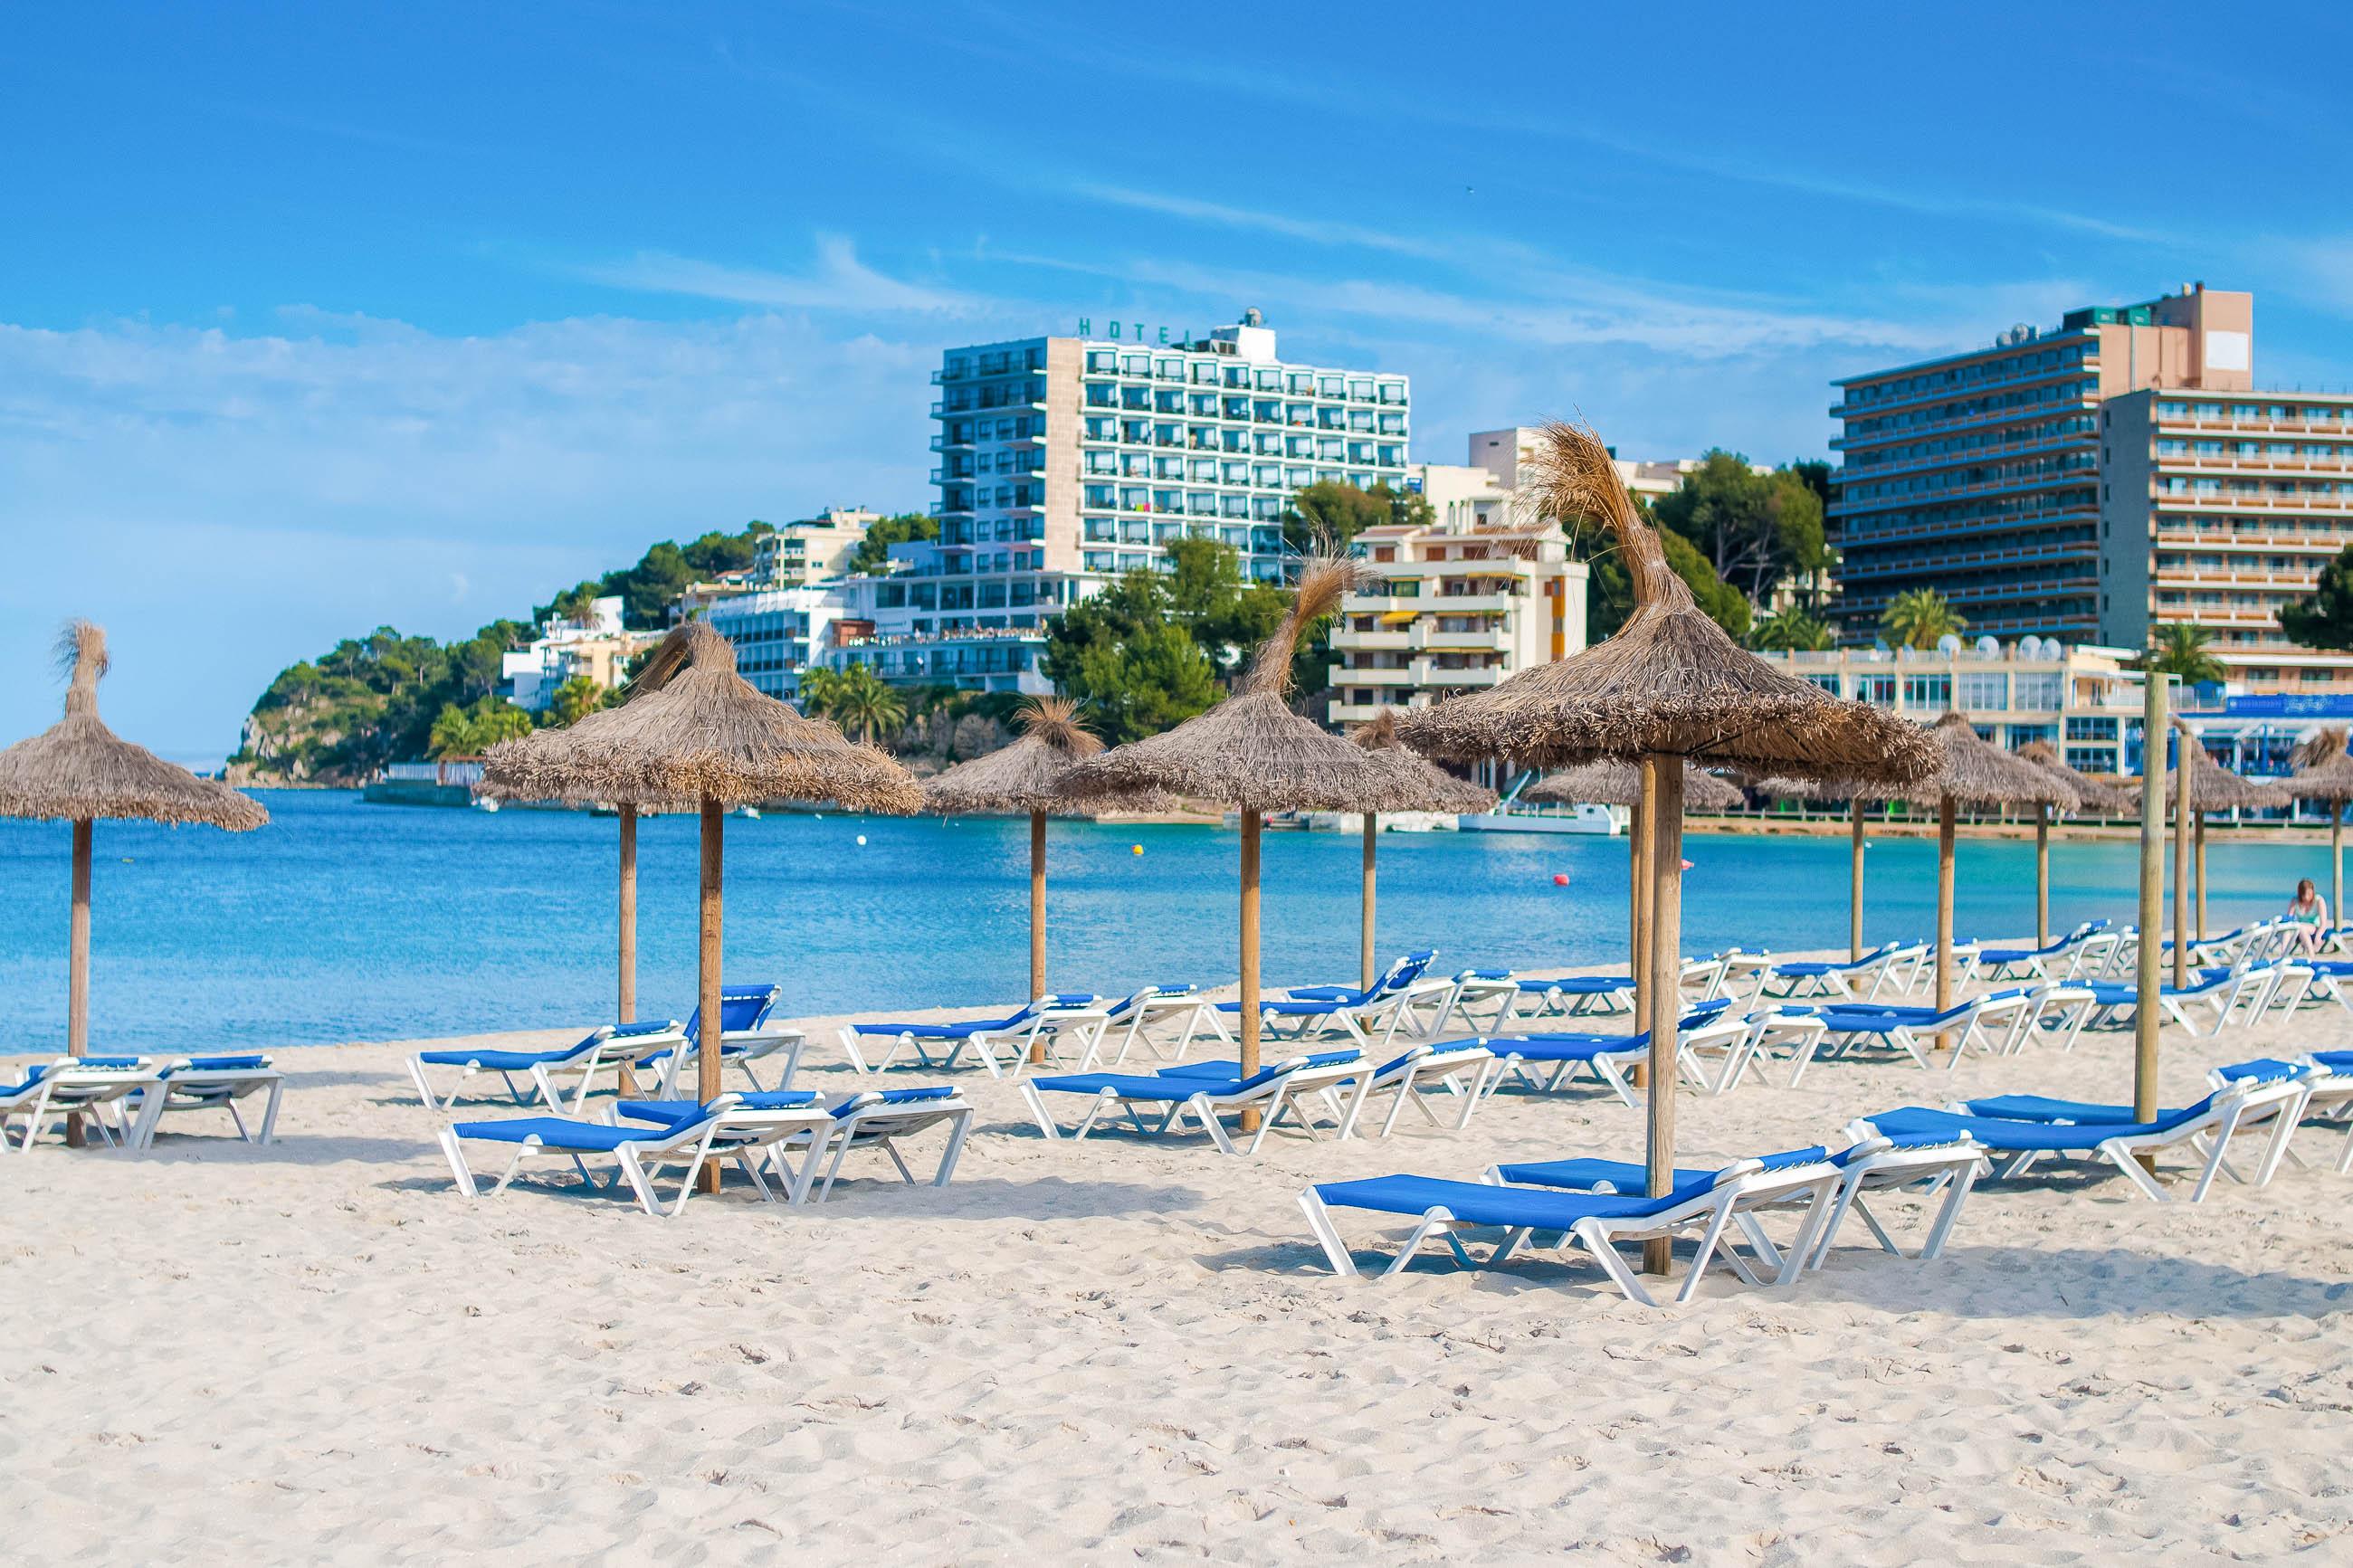 Platja de palma und s arenal auf mallorca spanien for Design hotels auf mallorca